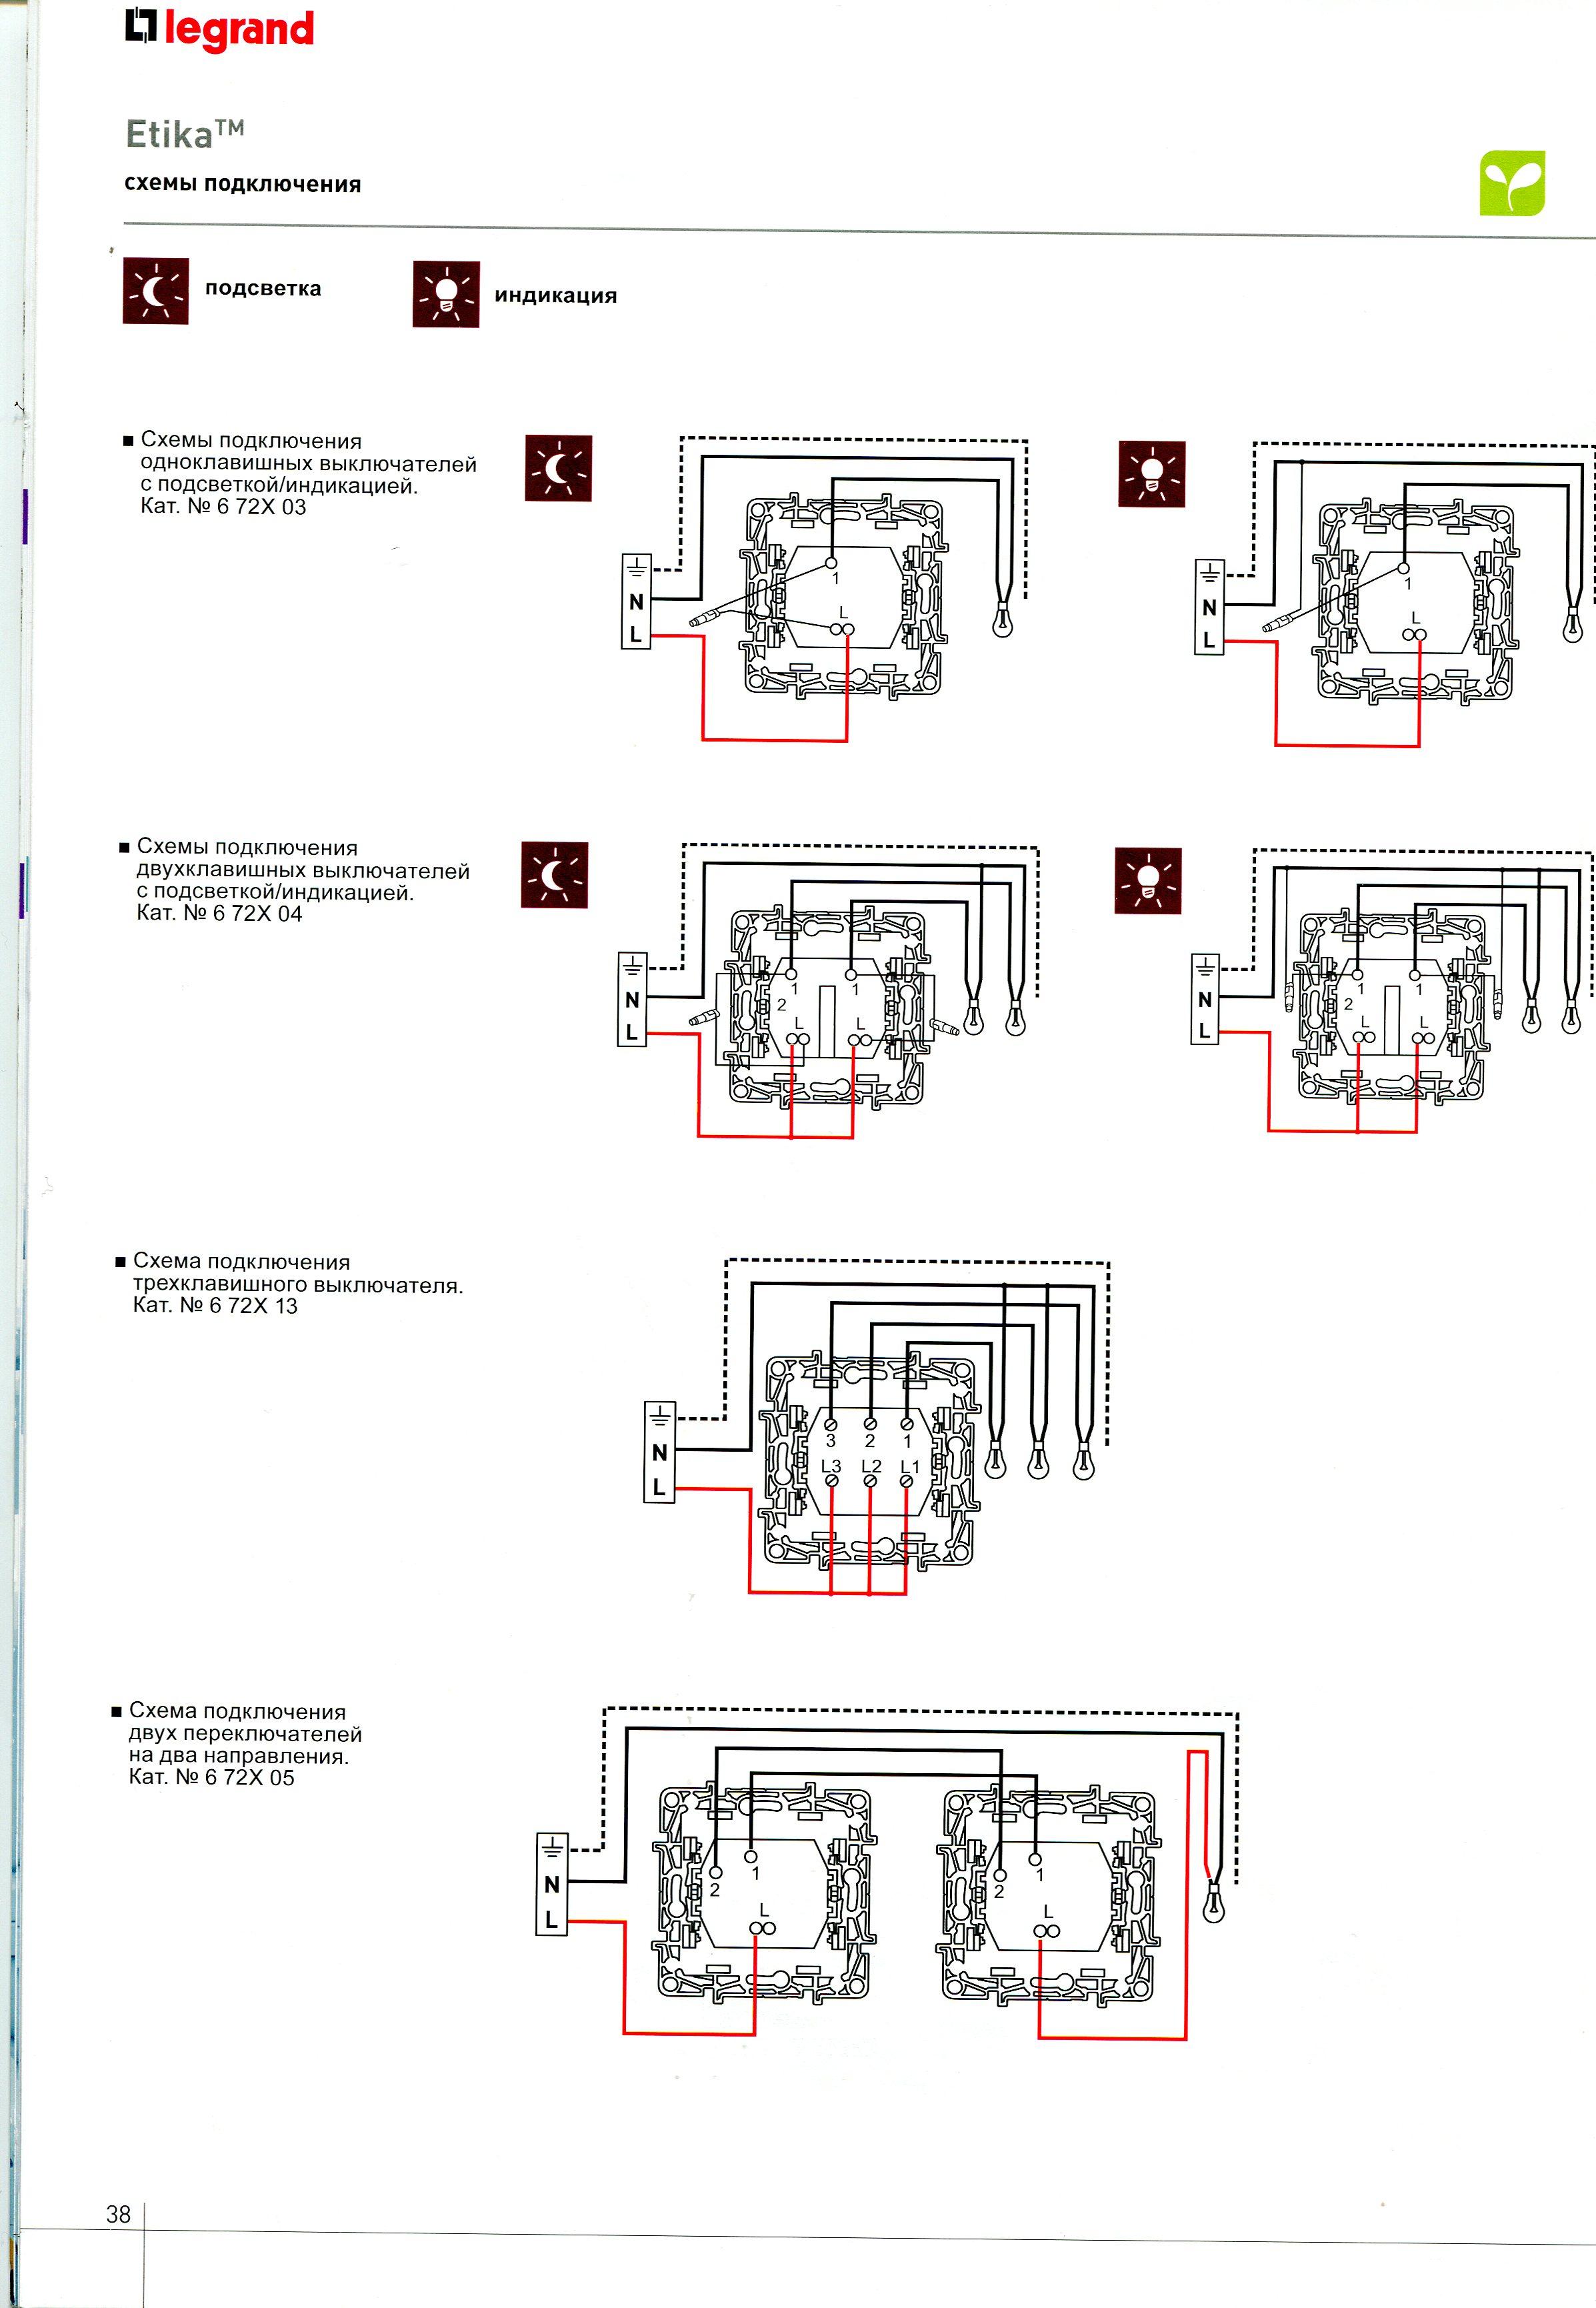 Двухклавишный выключатель legrand etika схема подключения